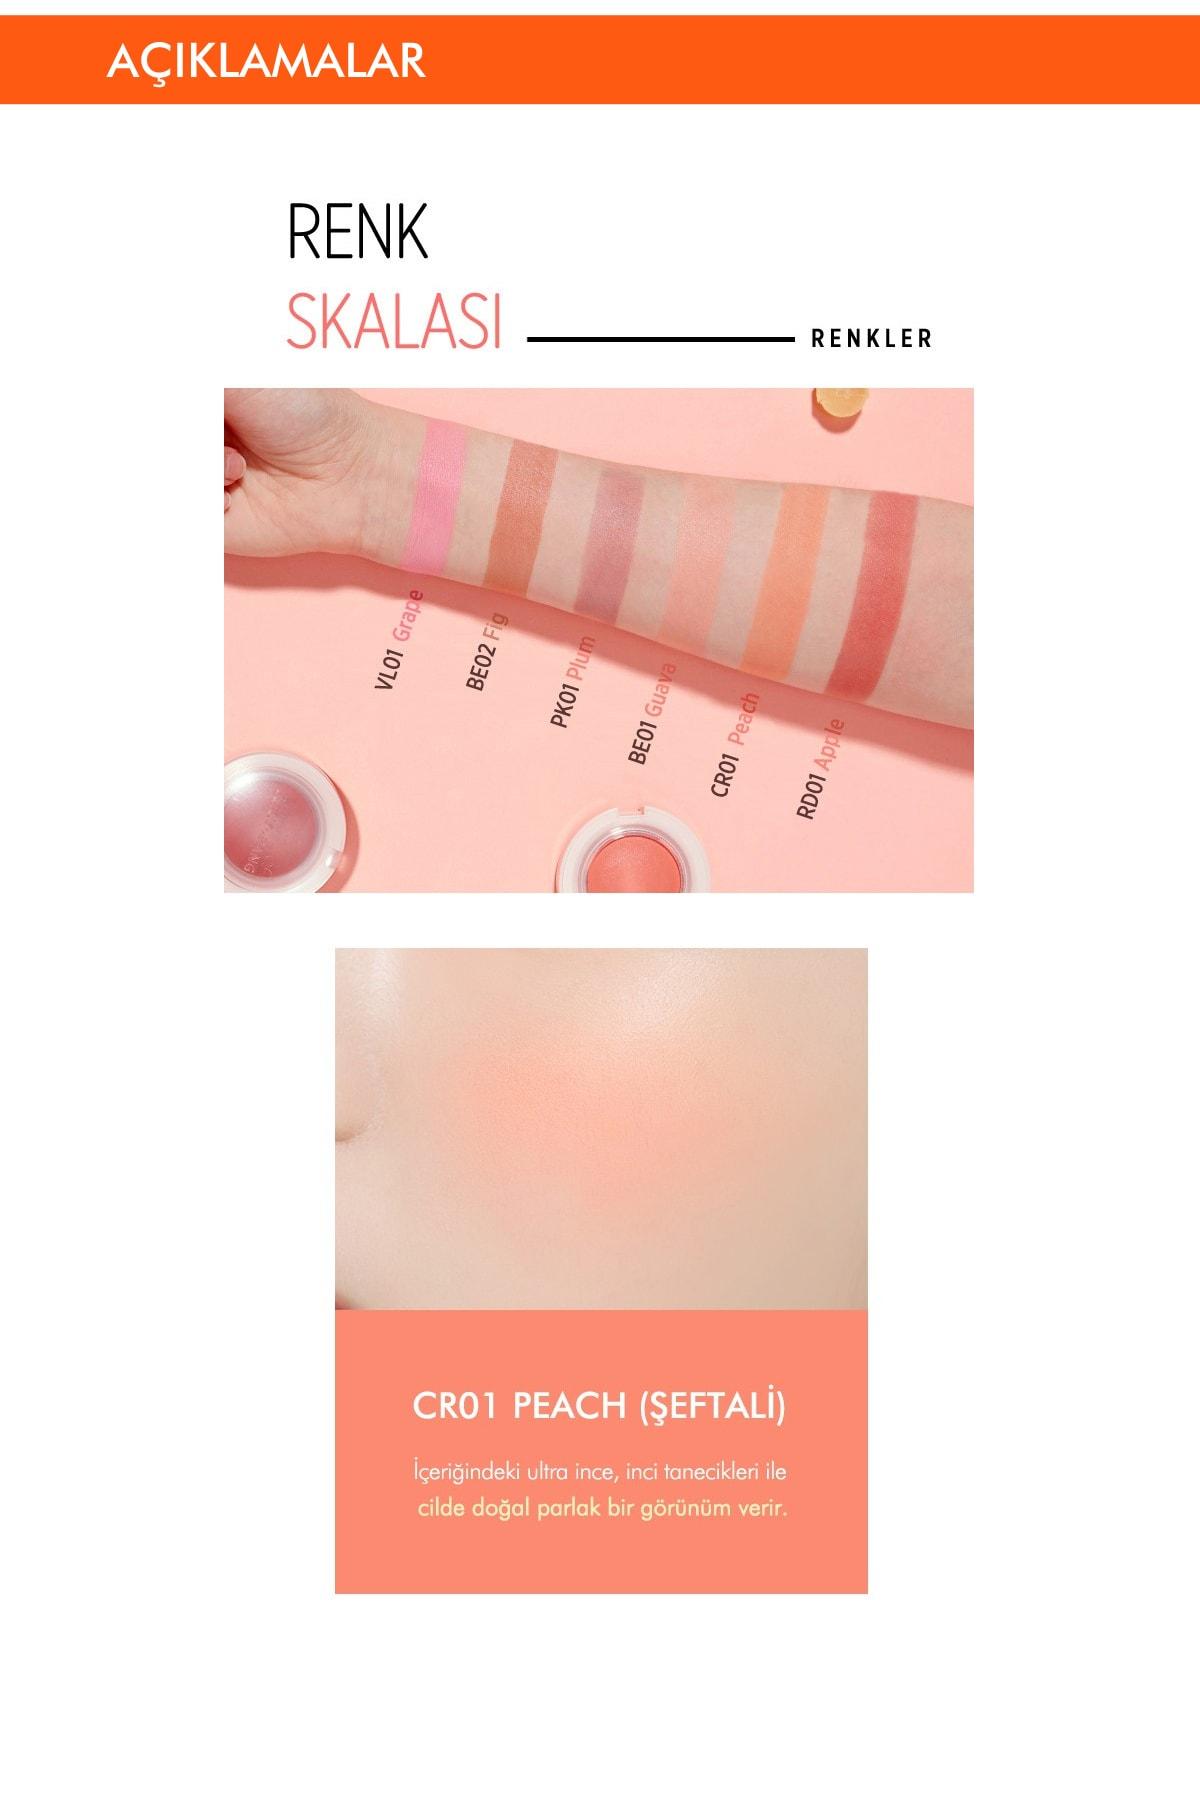 Missha Meyve Tonlarında Doğal Görünümlü Jel Allık APIEU Juicy-Pang Jelly Blusher (CR01) 2